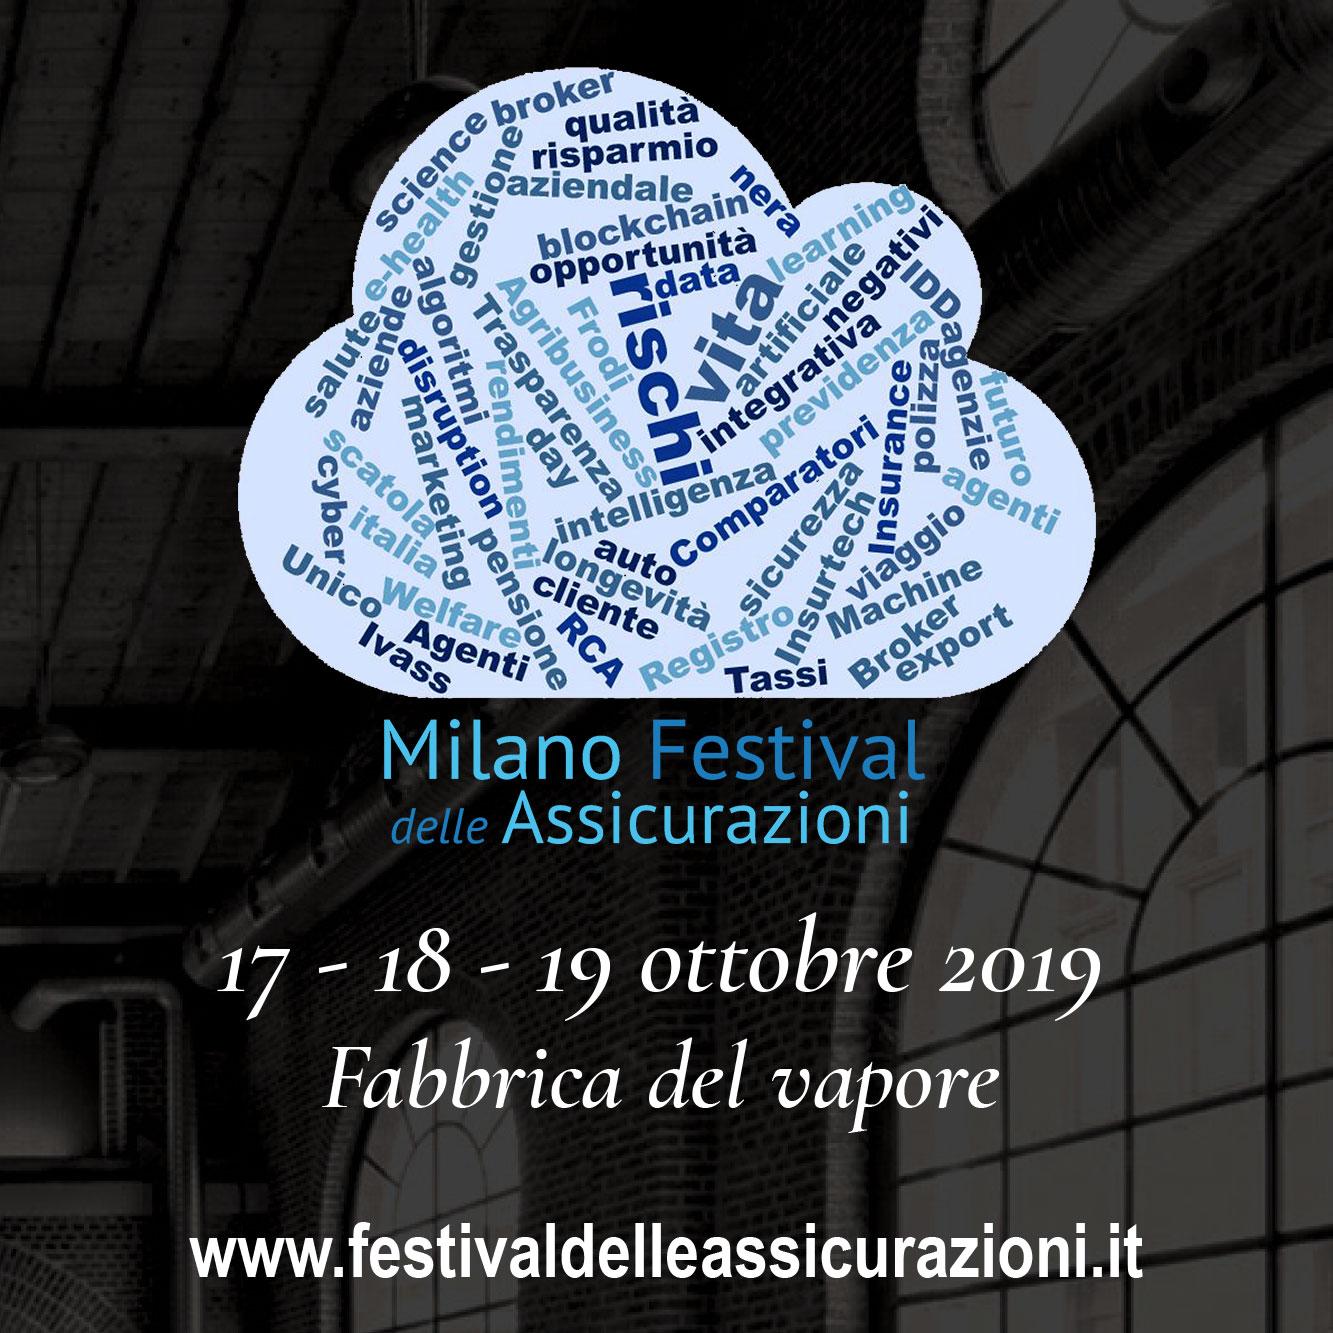 Il Milano Festival delle assicurazioni scalda i motori Assinews.it